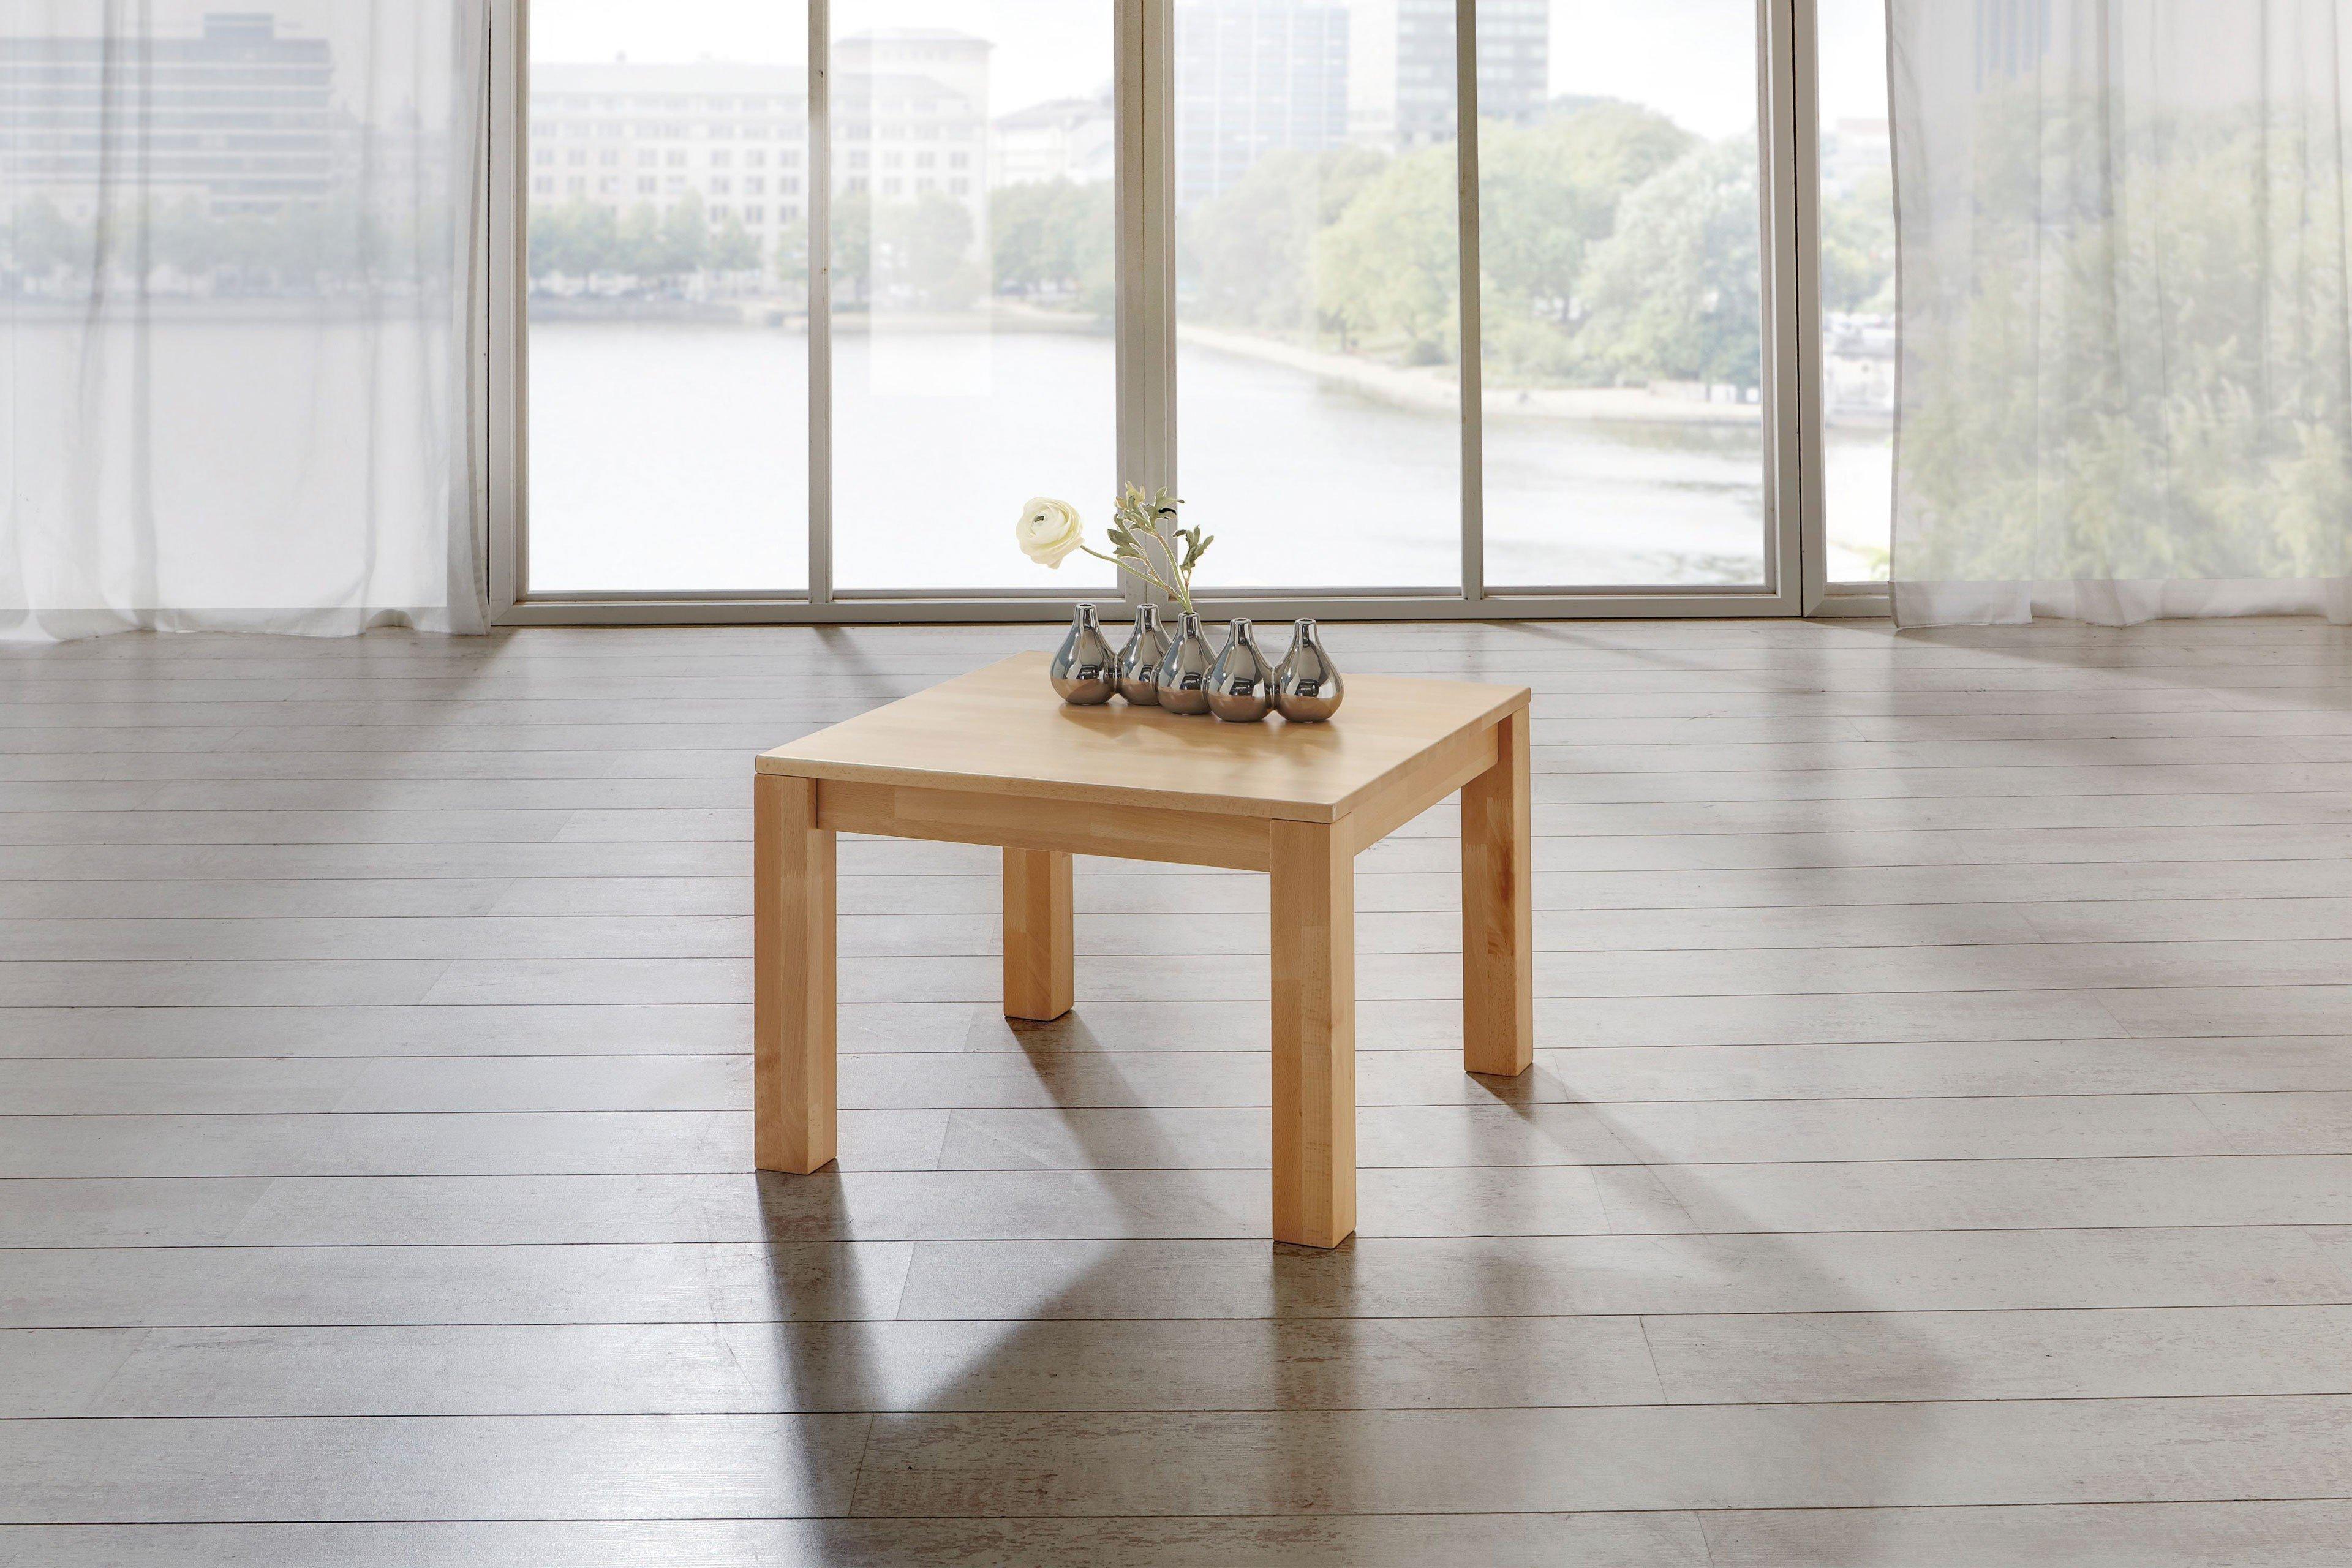 couchtisch ct100 von dico m bel in buche natur lackiert l. Black Bedroom Furniture Sets. Home Design Ideas